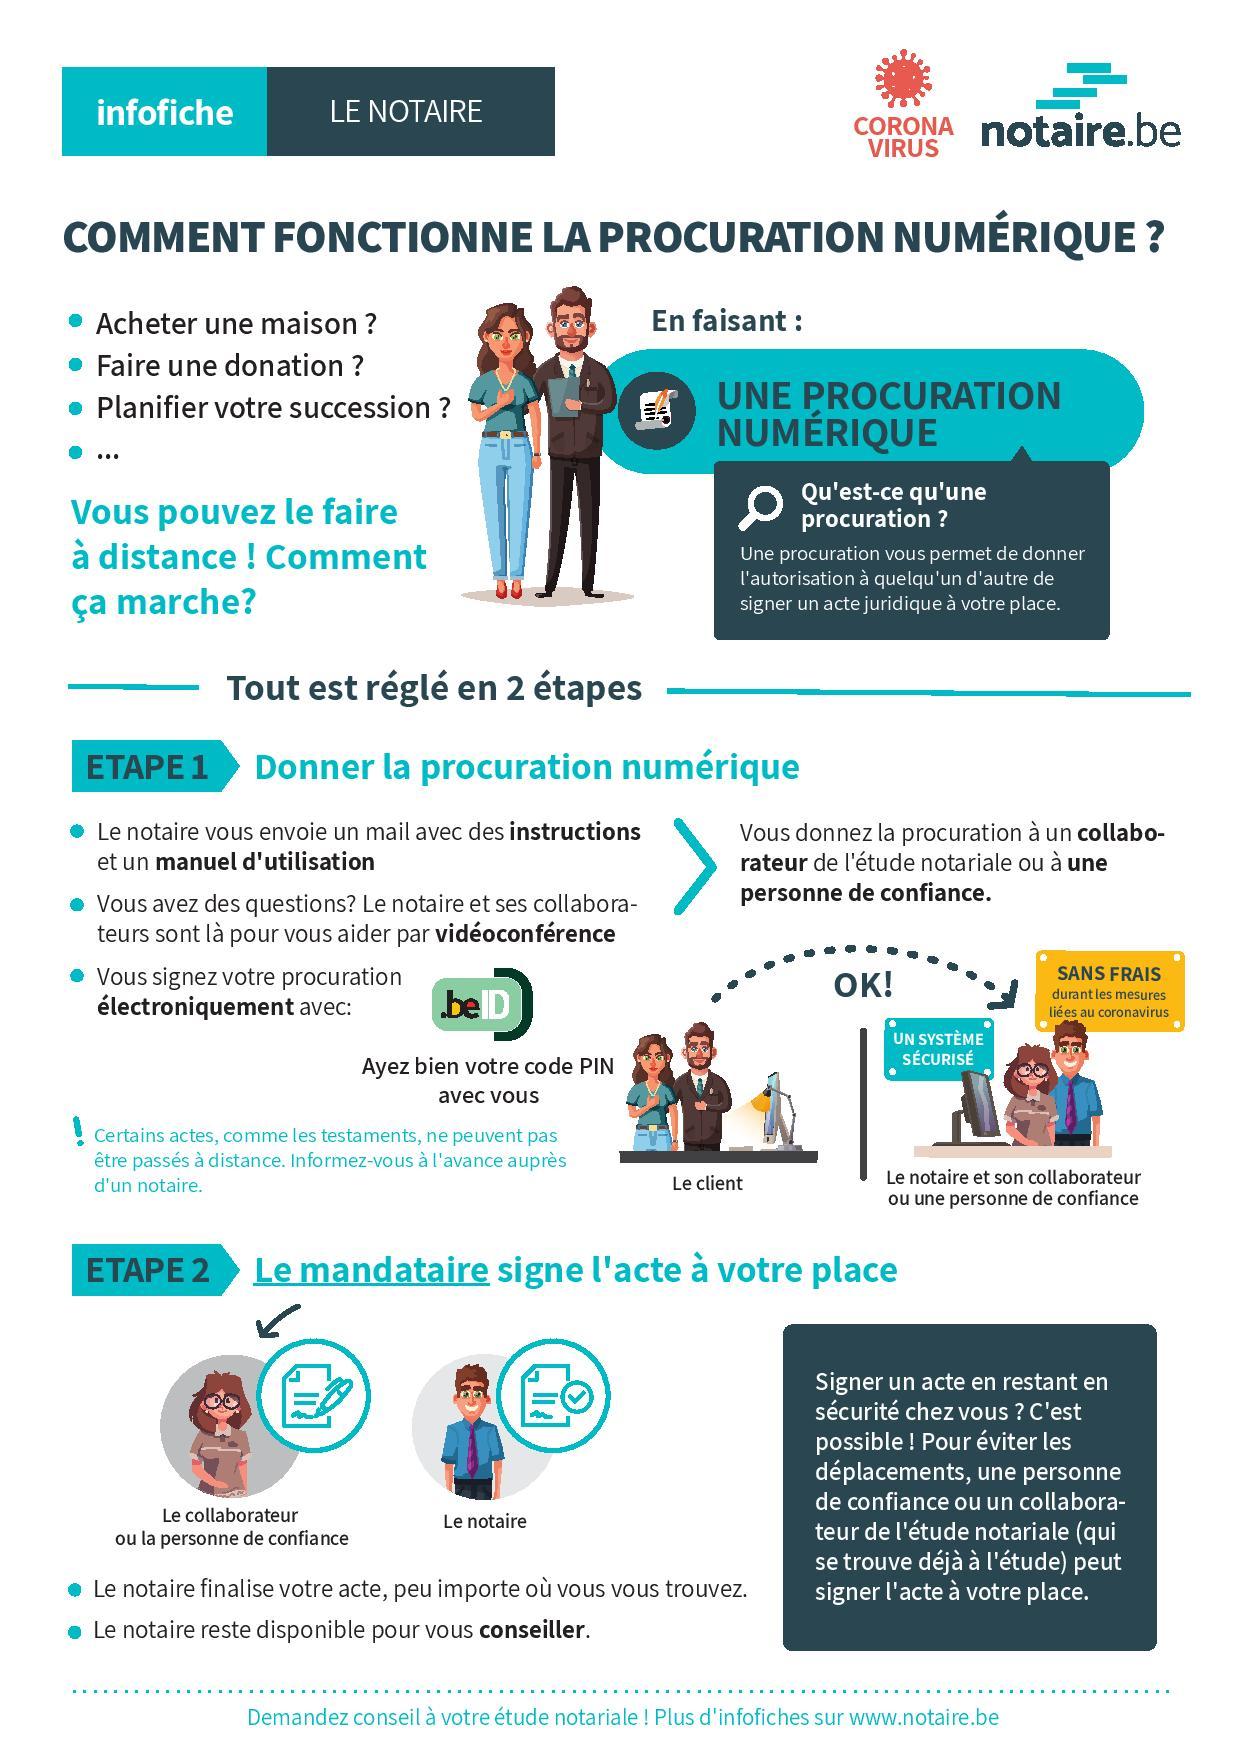 Comment fonctionne la procuration digitale? Découvrez notre infofiche